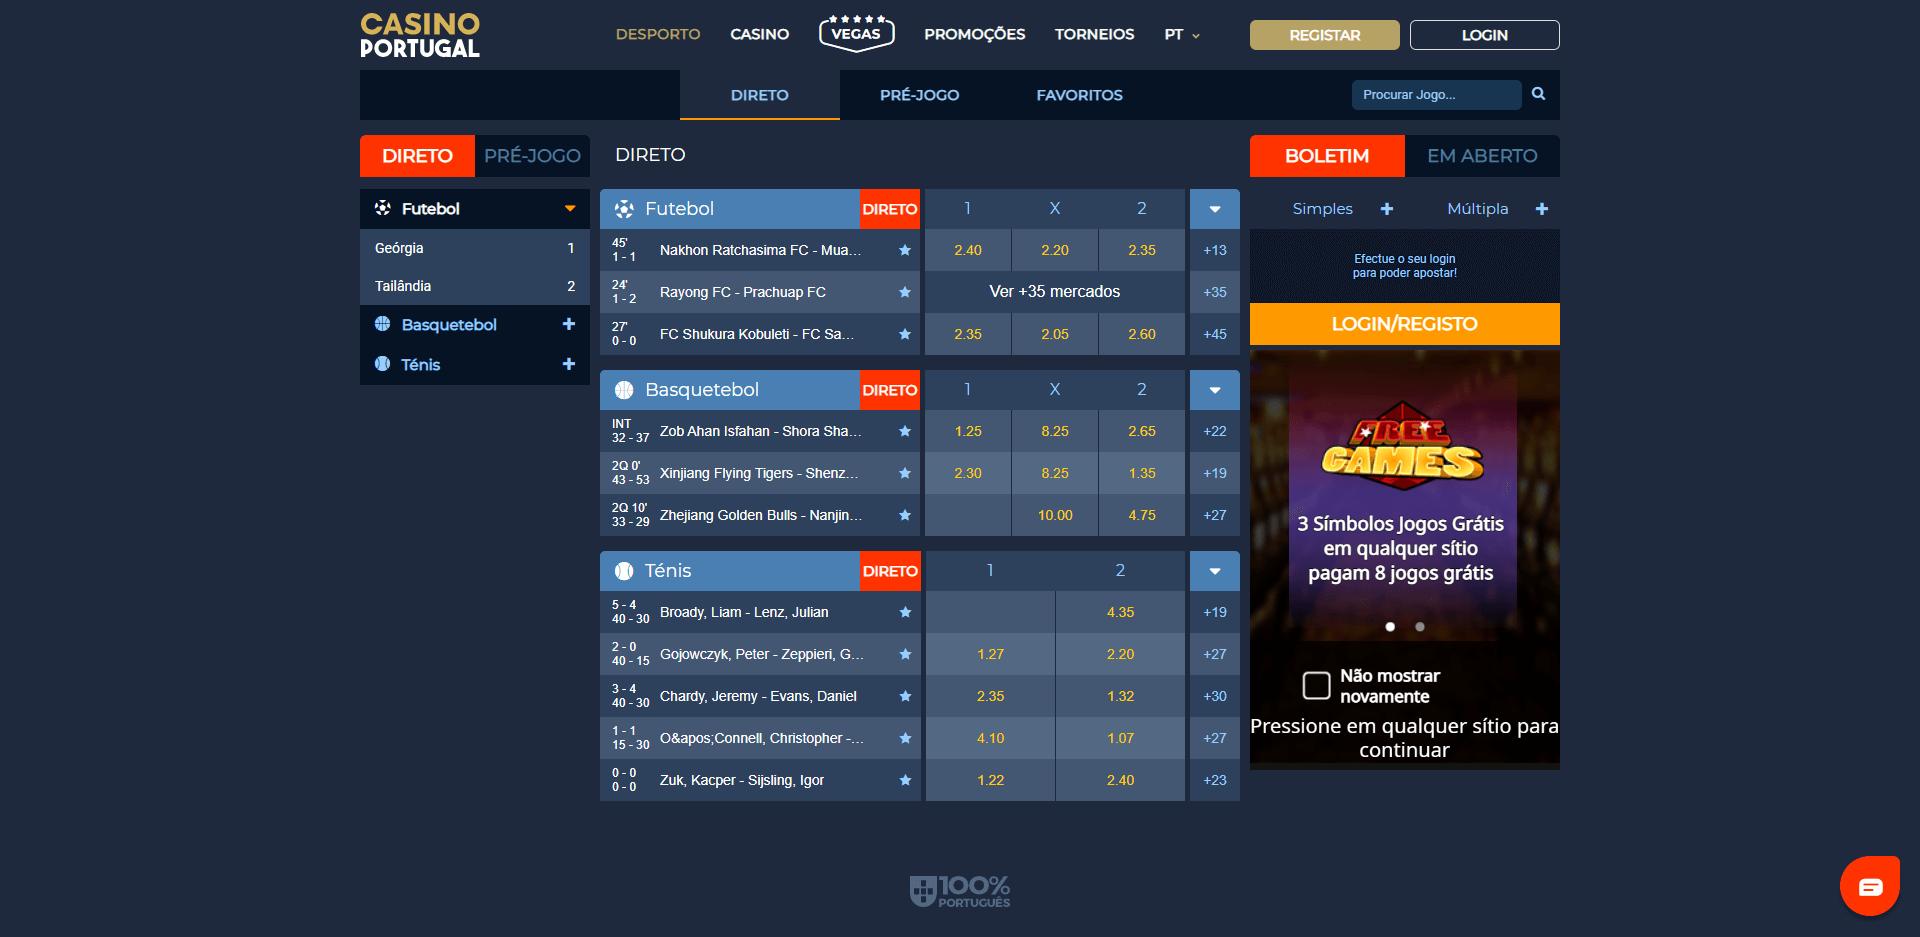 jogos com apostas em direto no Casino Portugal